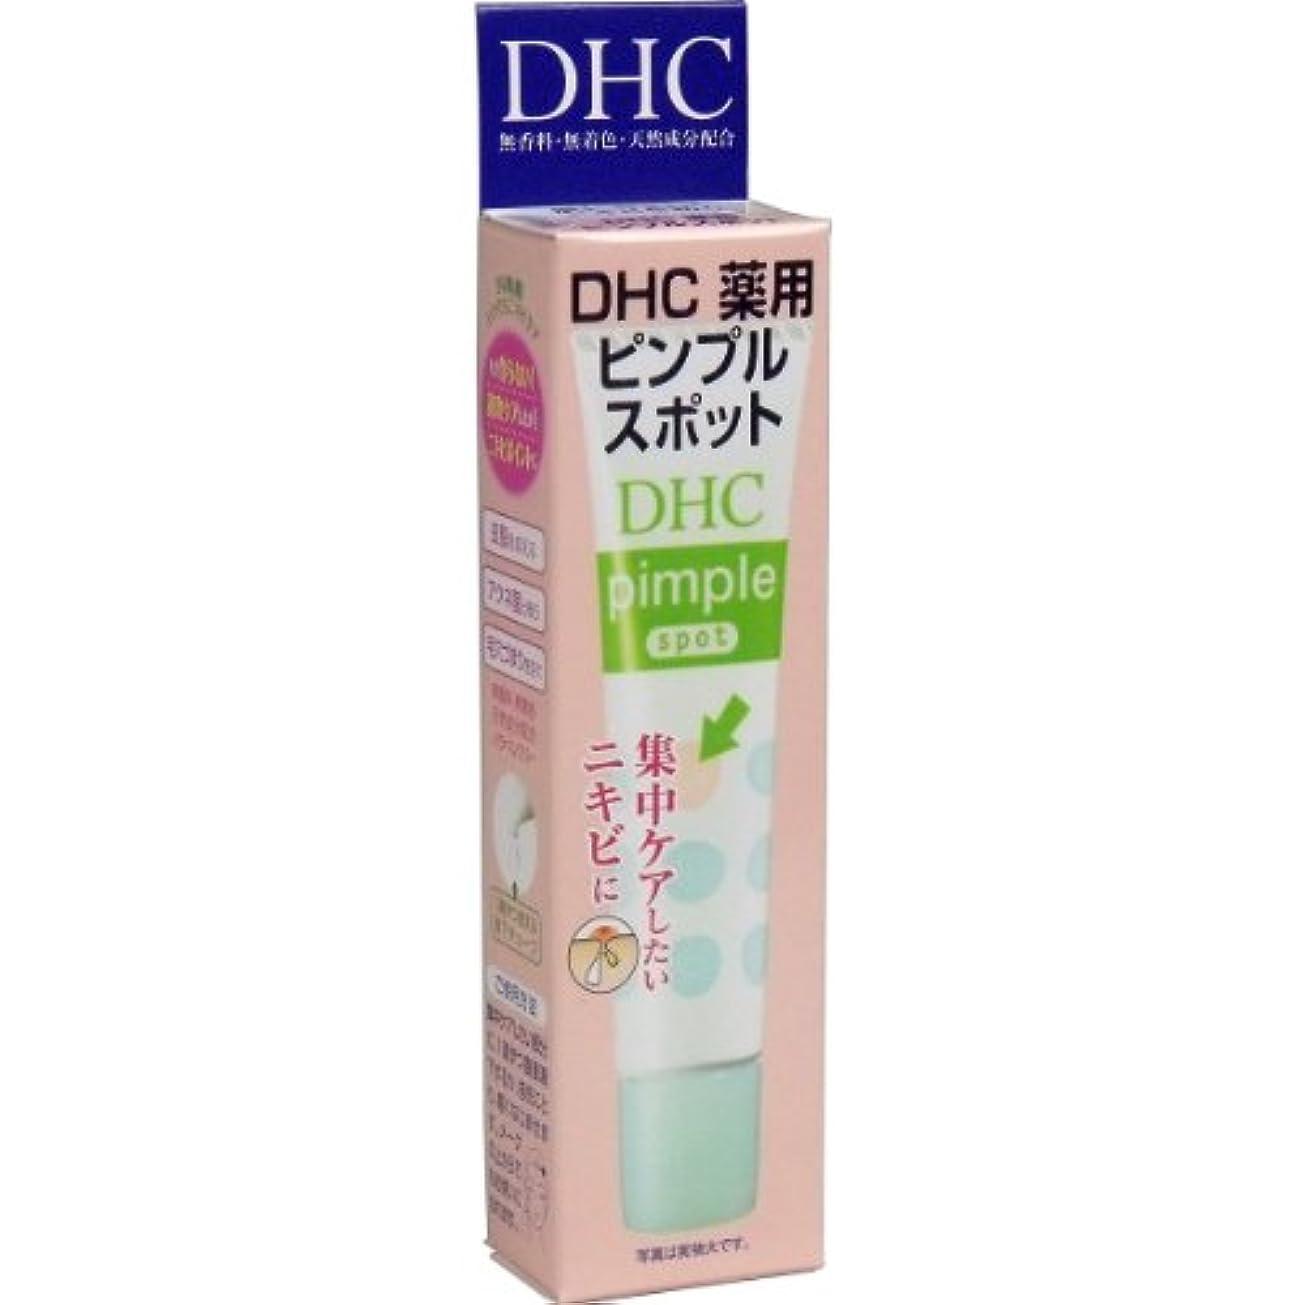 強化する負ブリリアント【DHC】DHC 薬用ピンプルスポット 15ml ×10個セット